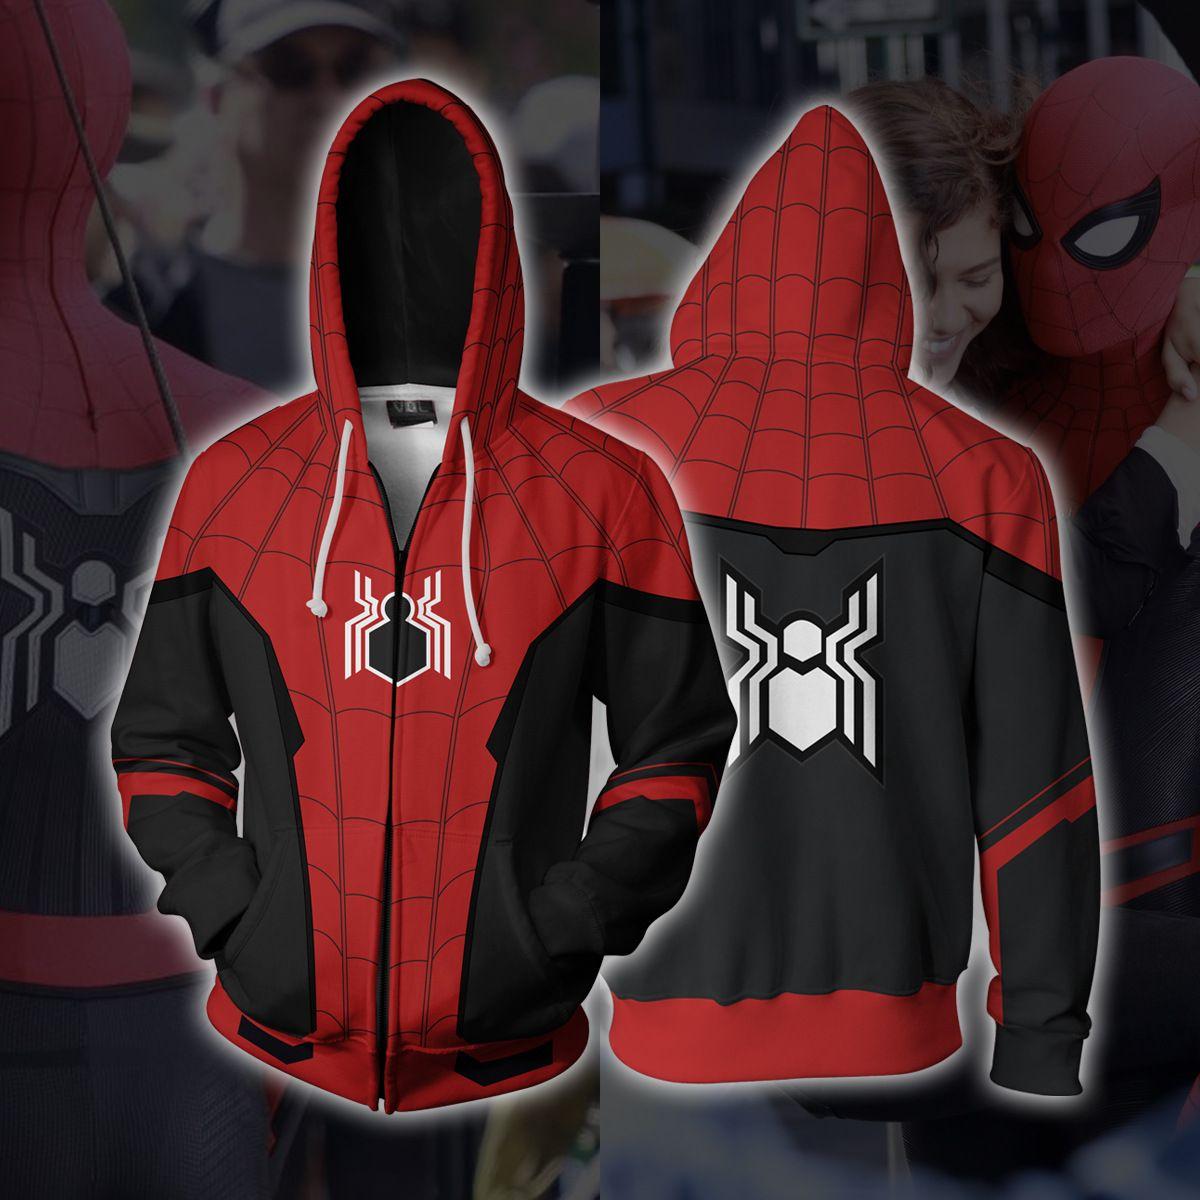 Spiderman Hoodie Spider Man 2 Far From Home Jacket Zip Up Hoodies Cosplay Mens Outfits Spiderman Hoodie Hoodies Men [ 1200 x 1200 Pixel ]